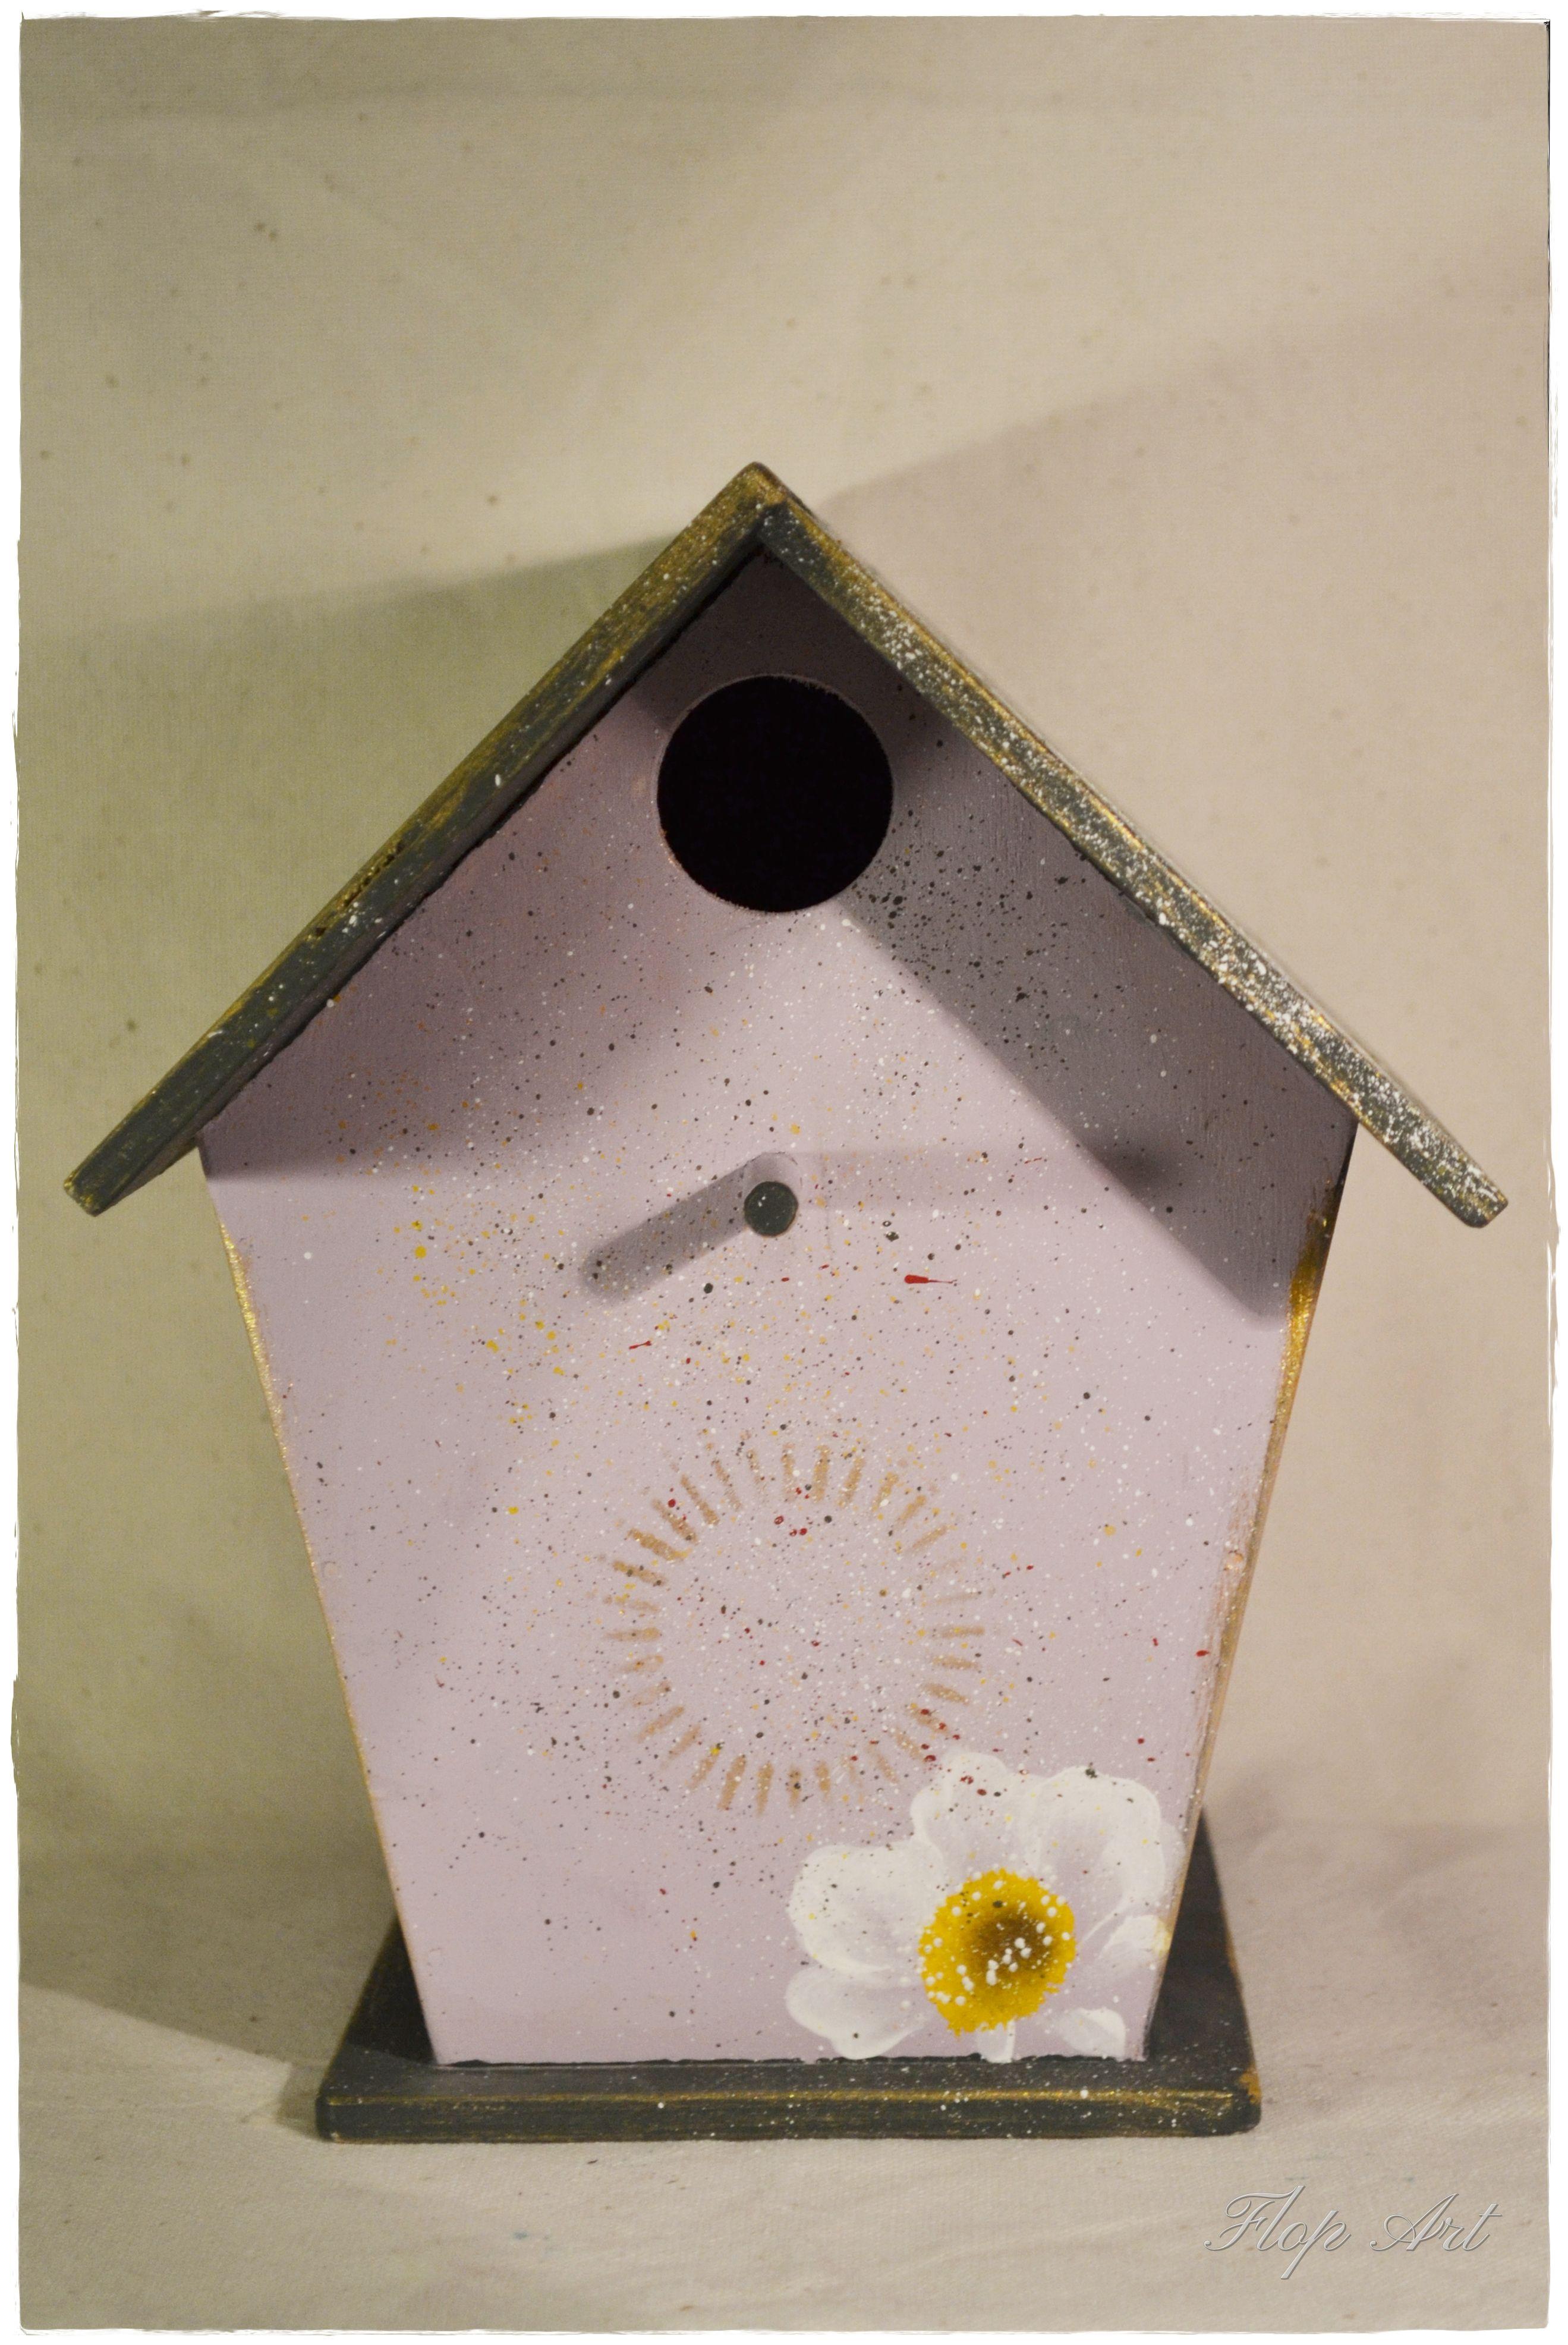 Birddhouse One Stroke Kucica Za Ptice